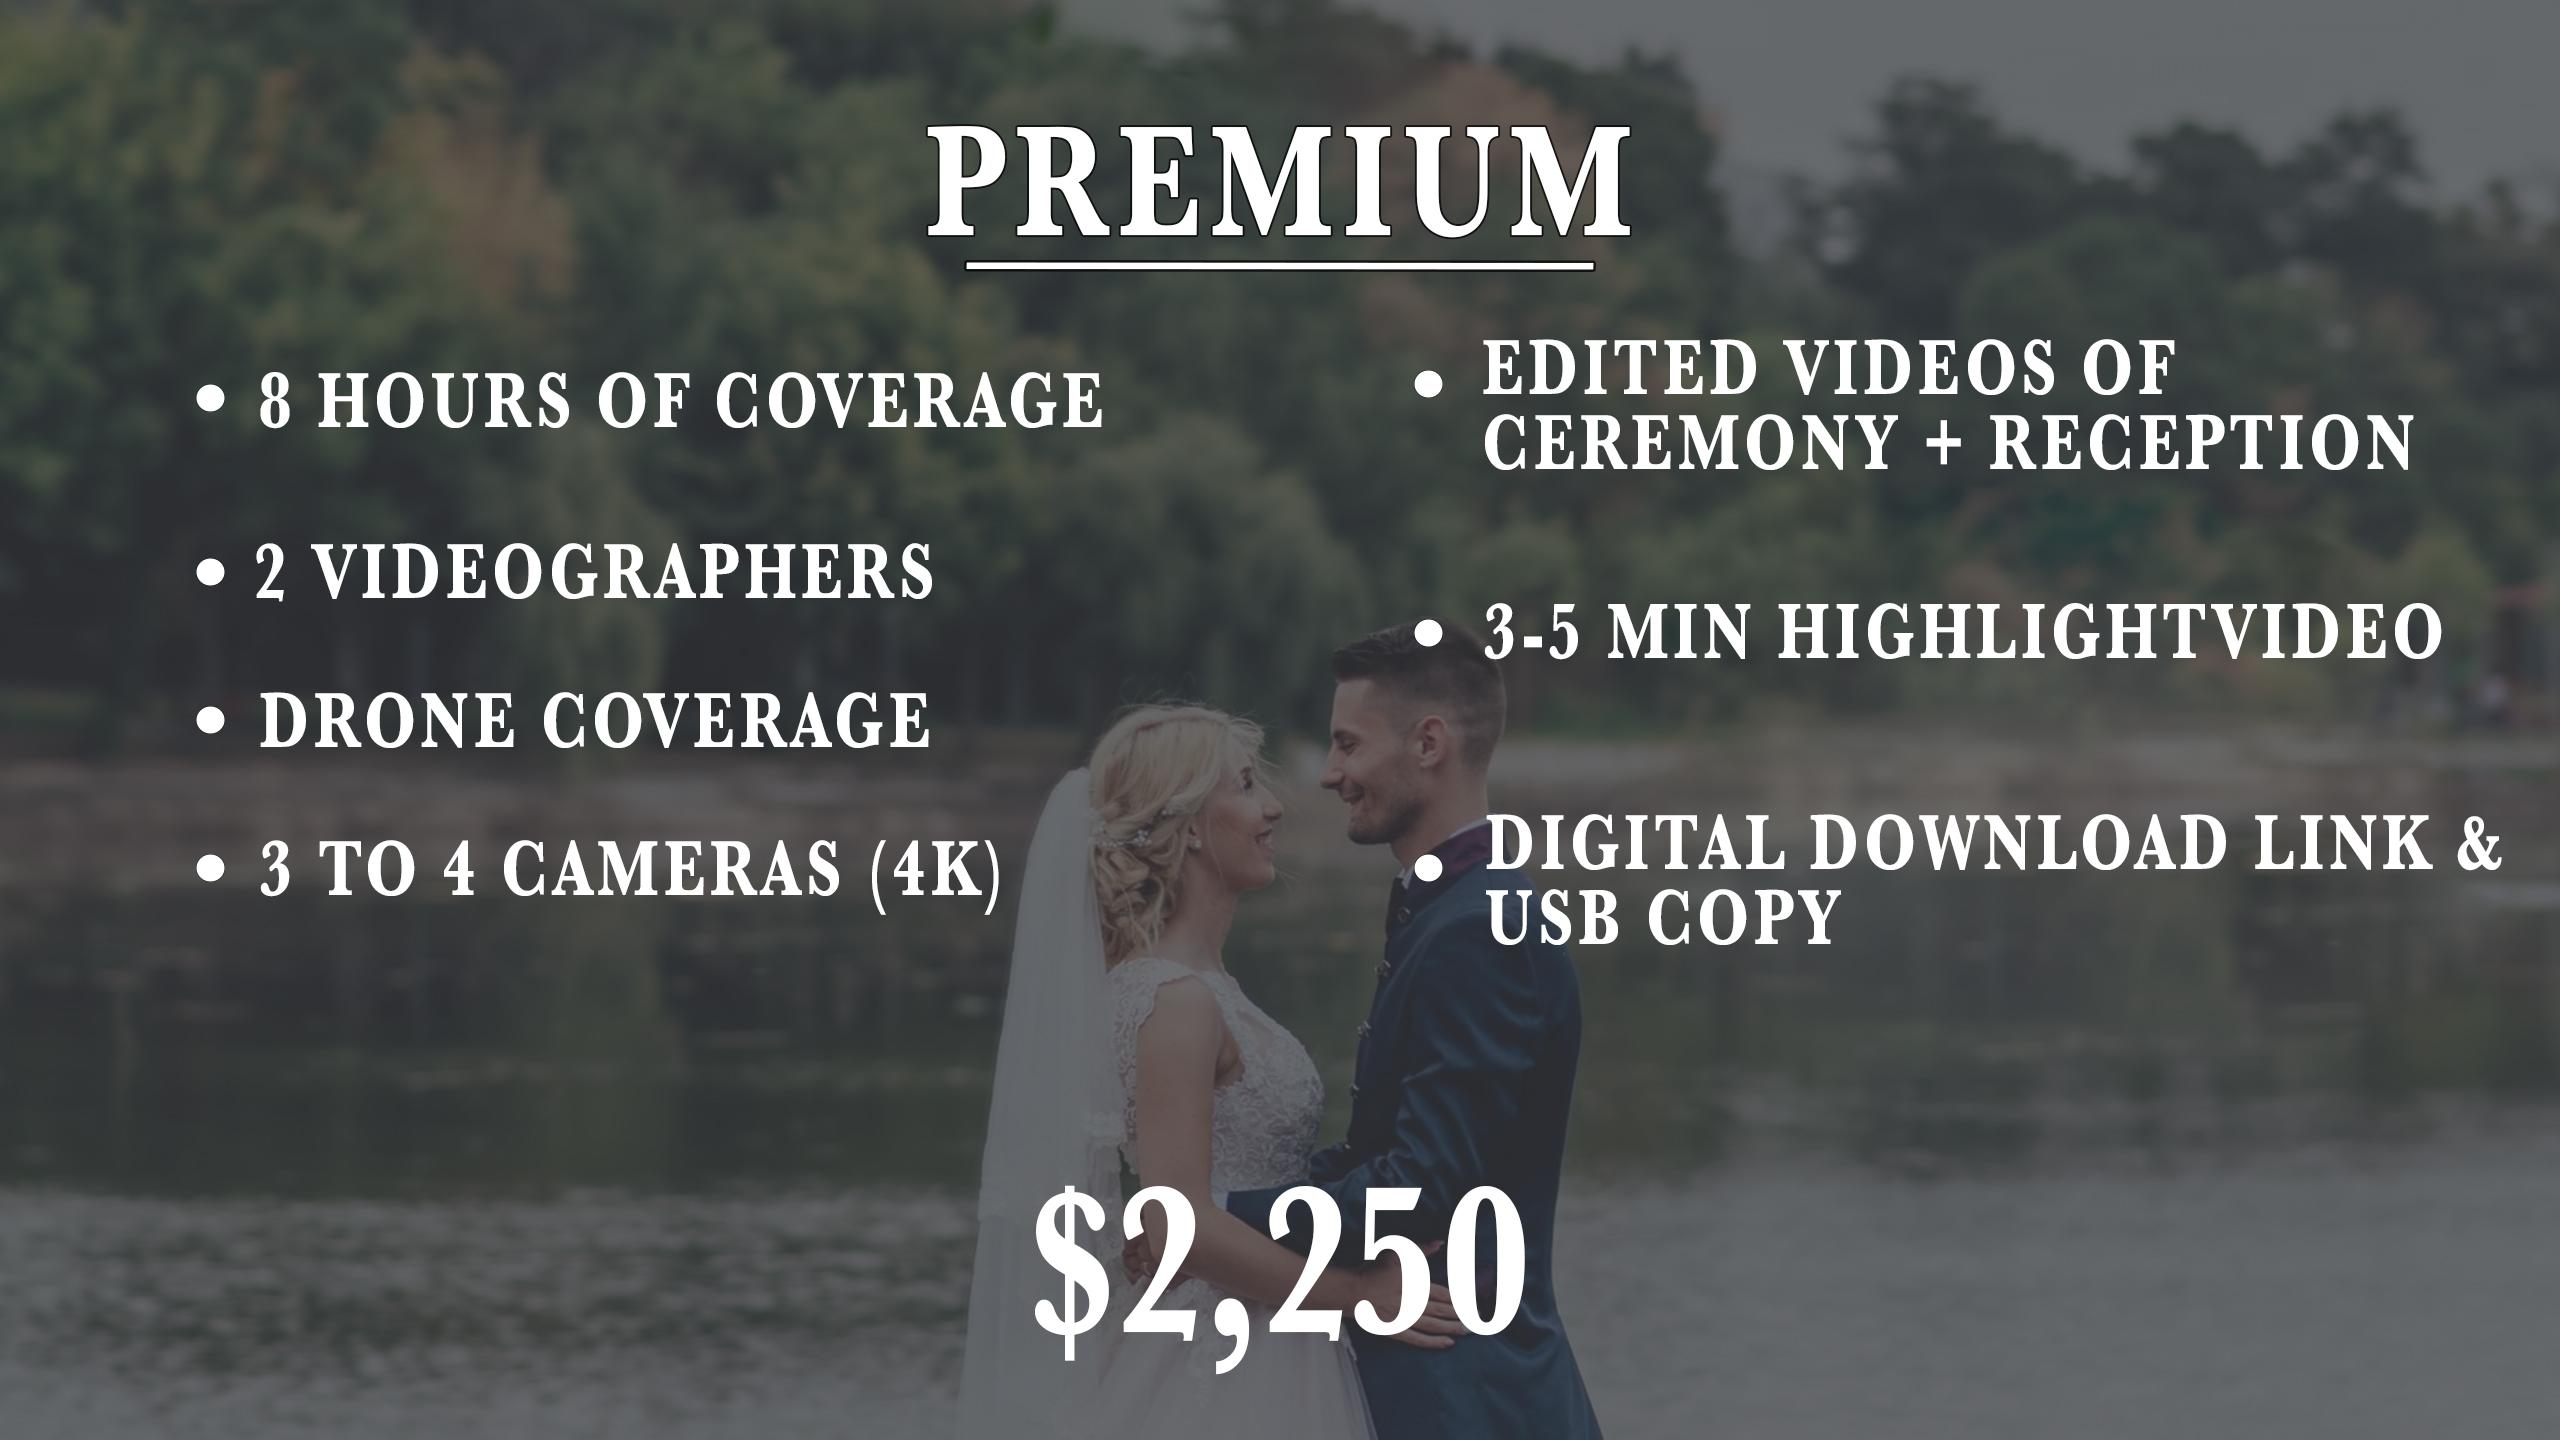 Premium Package 1